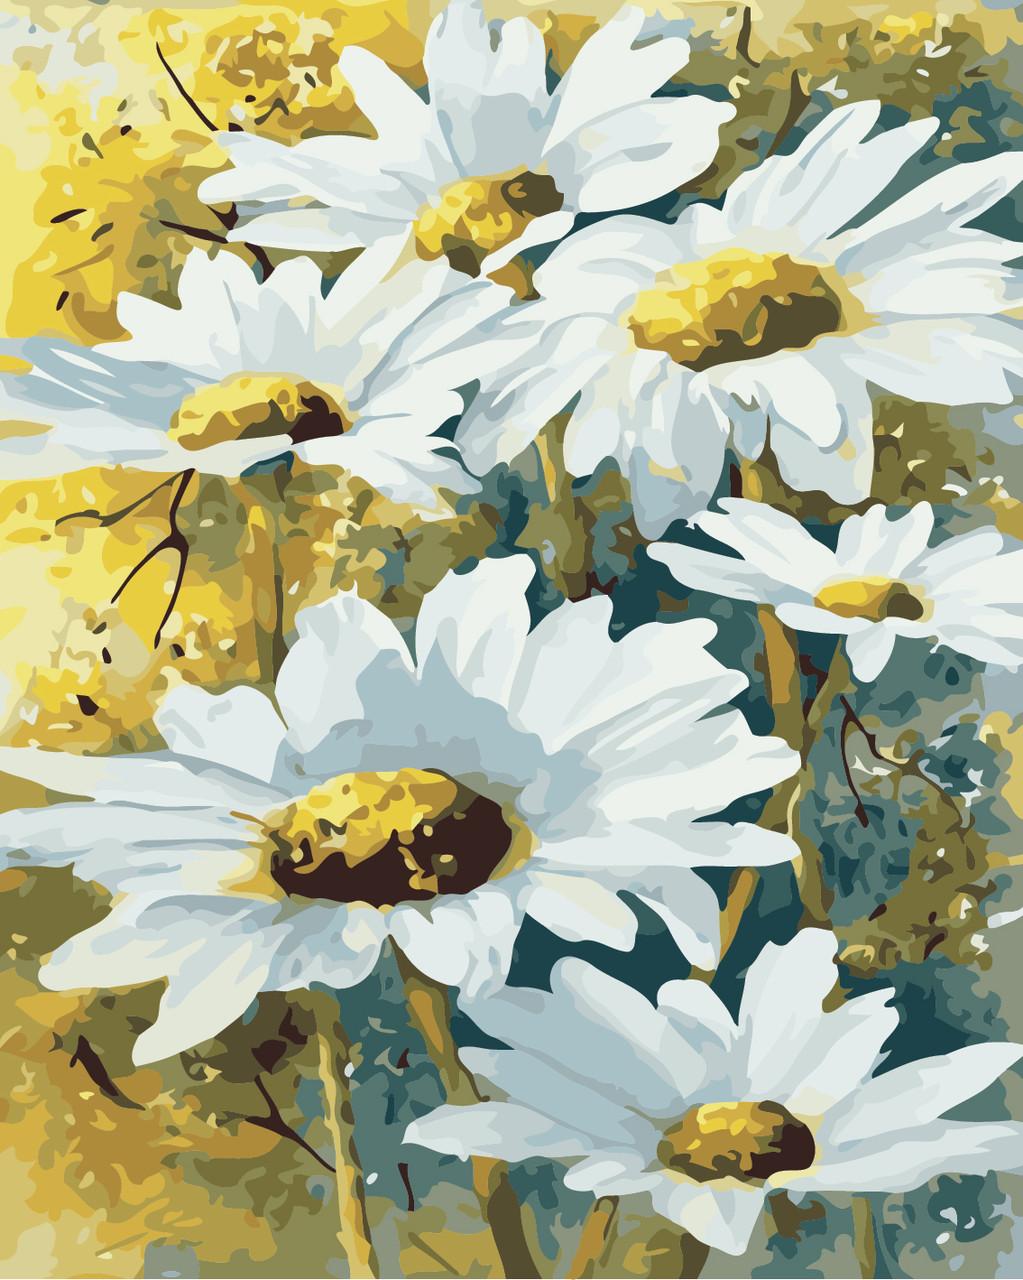 Художественный творческий набор, картина по номерам Полевые ромашки, 40x50 см, «Art Story» (AS0840)